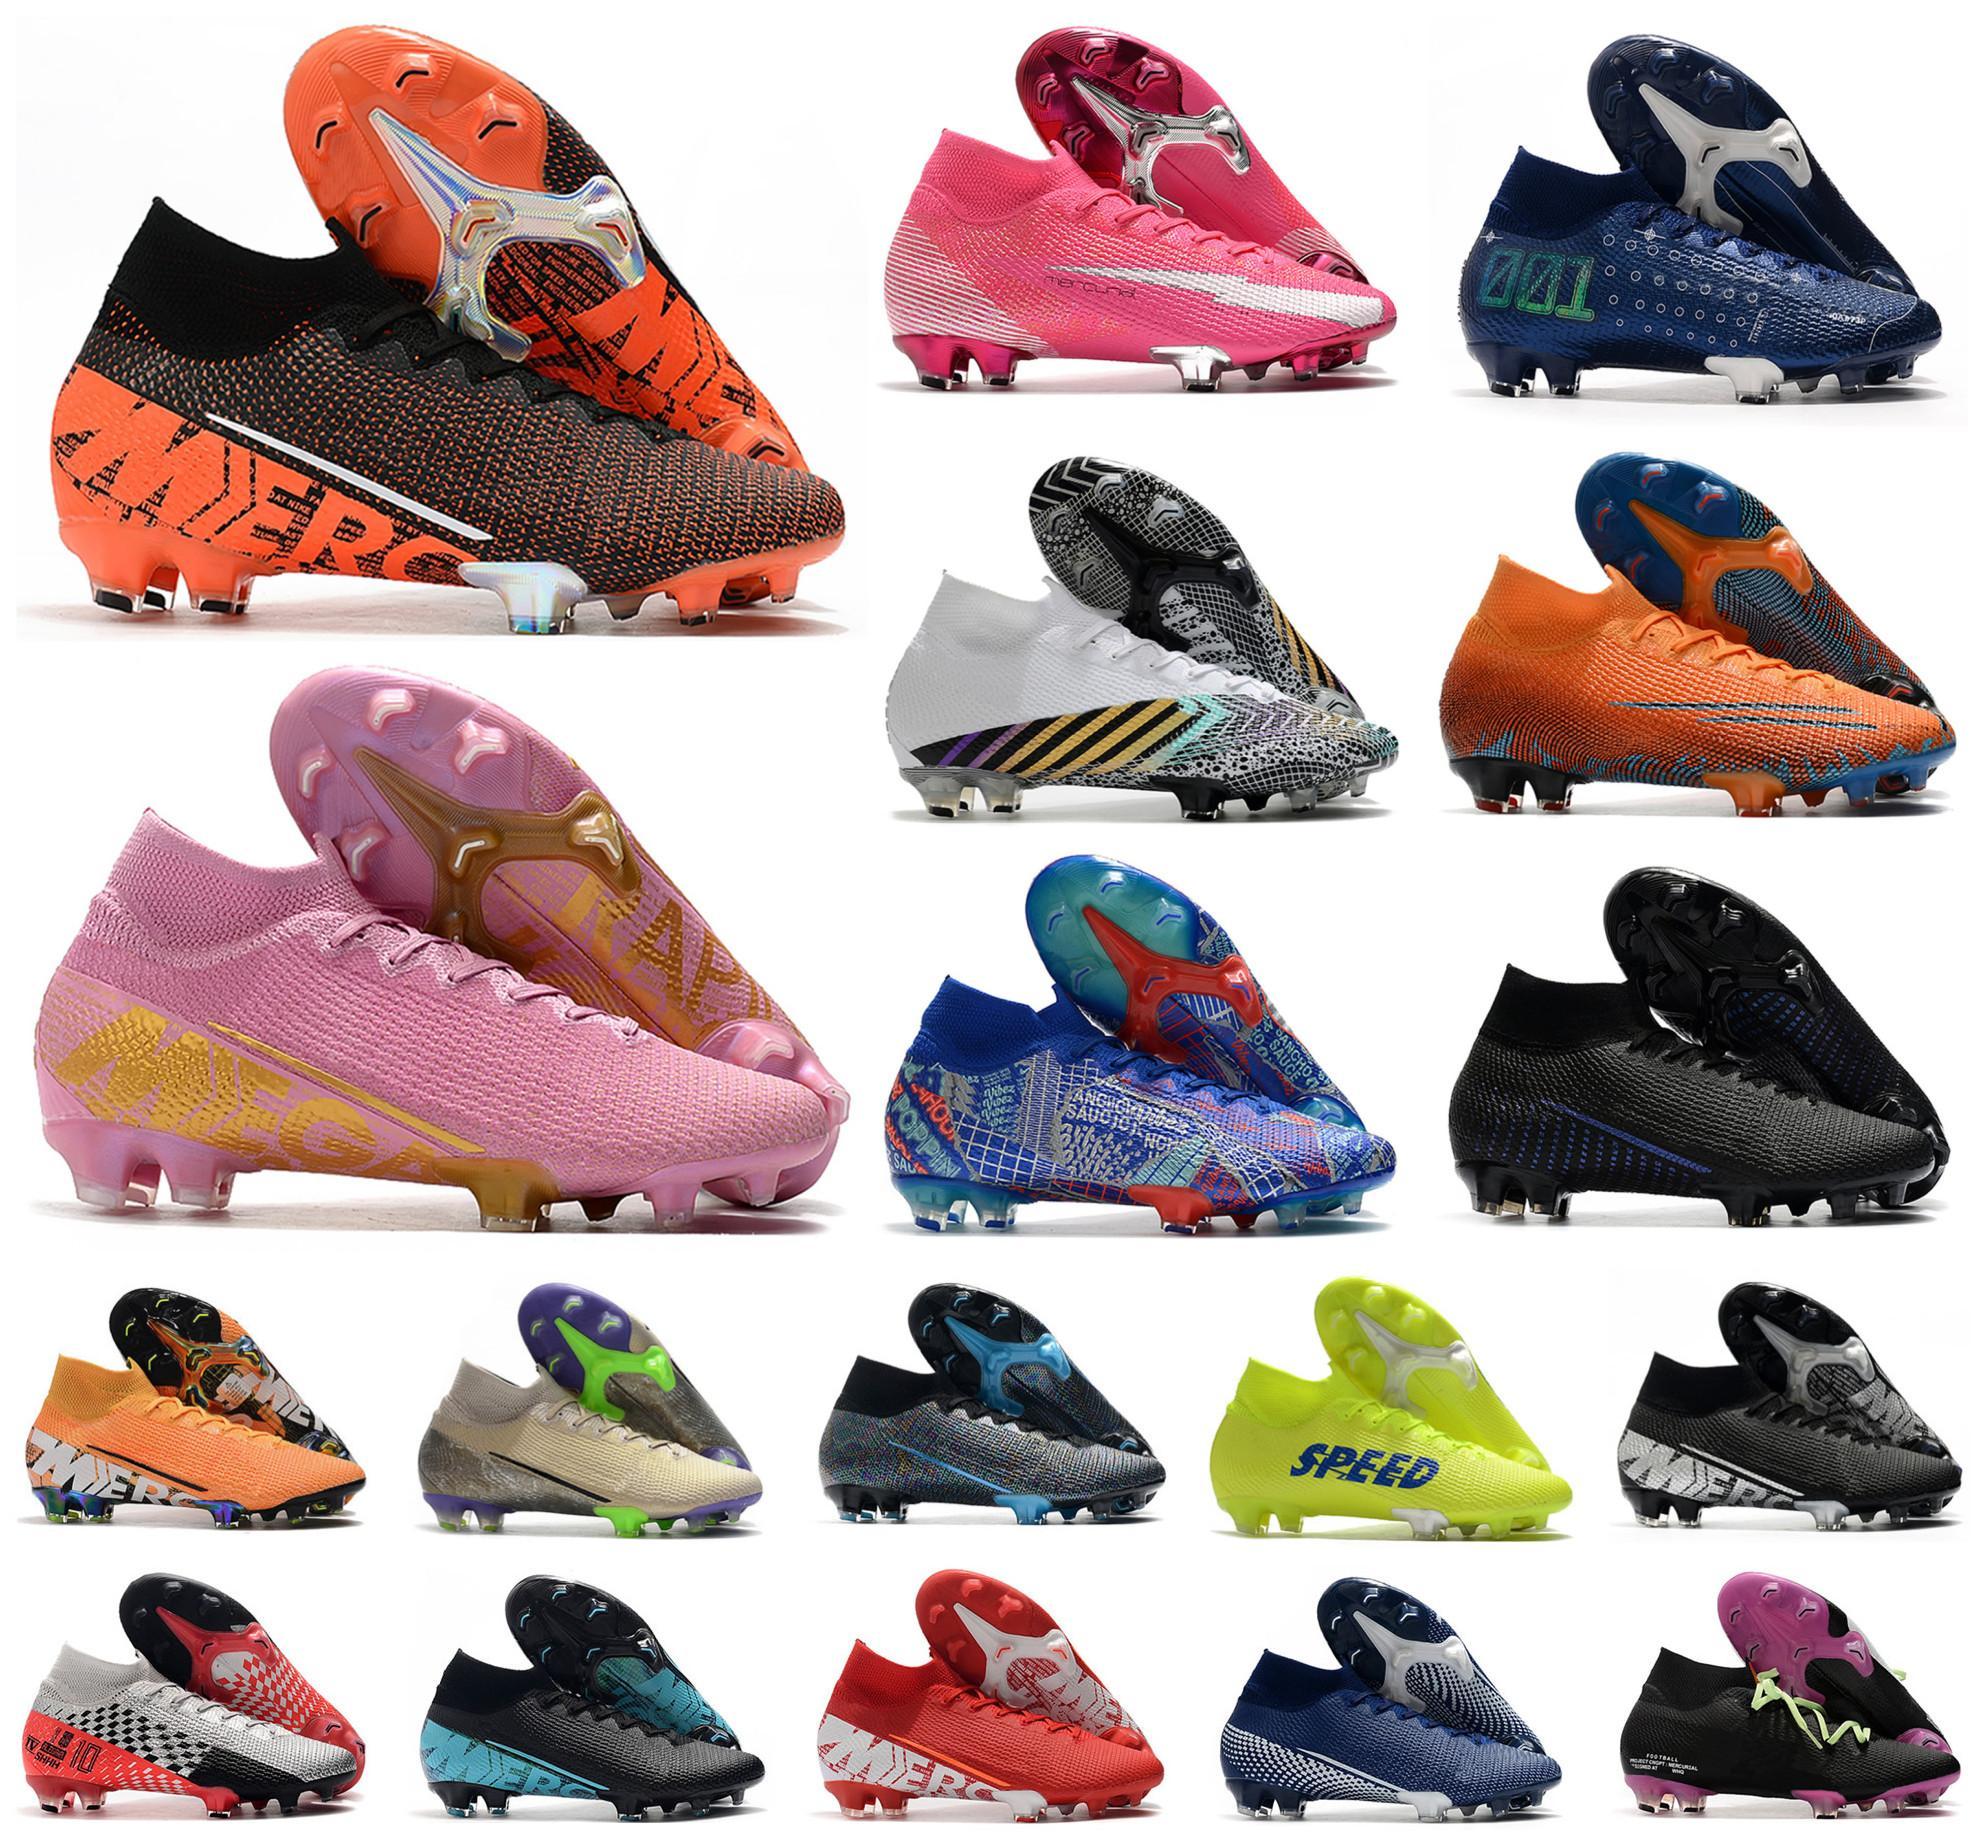 2021 Superfly 7 Elite SE FG VII 360 MDS 001 003 CR7 Ronaldo Neymar Erkek Kadın Erkek Futbol Çizmeler Ayakkabı Futbol Cleats Boyutu 39-45